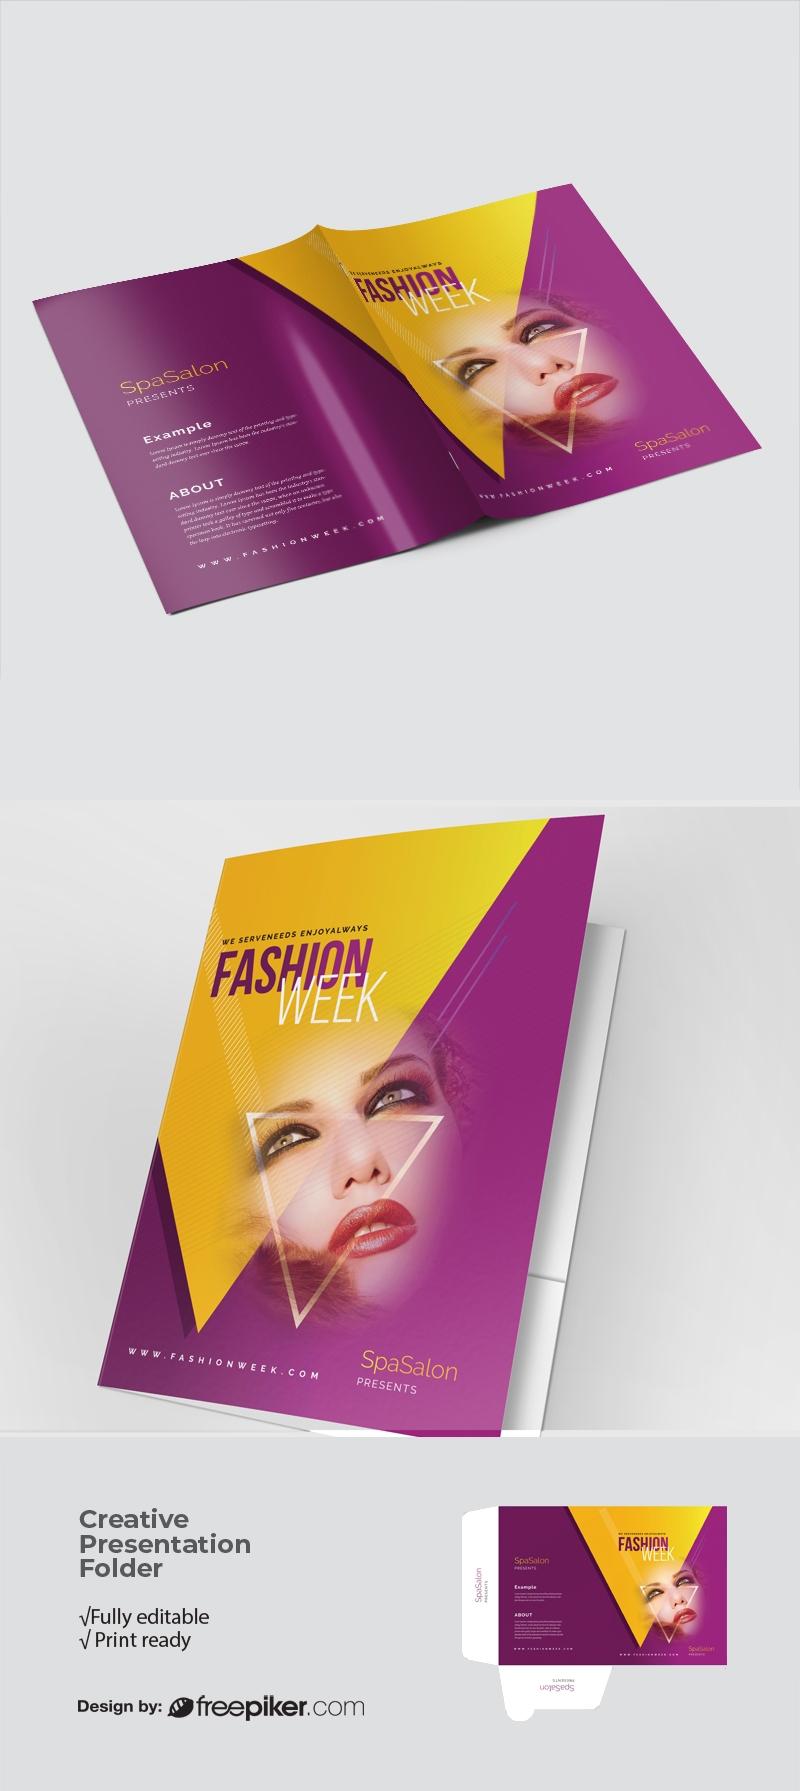 Fashion Week Presentation Folder With Triangle